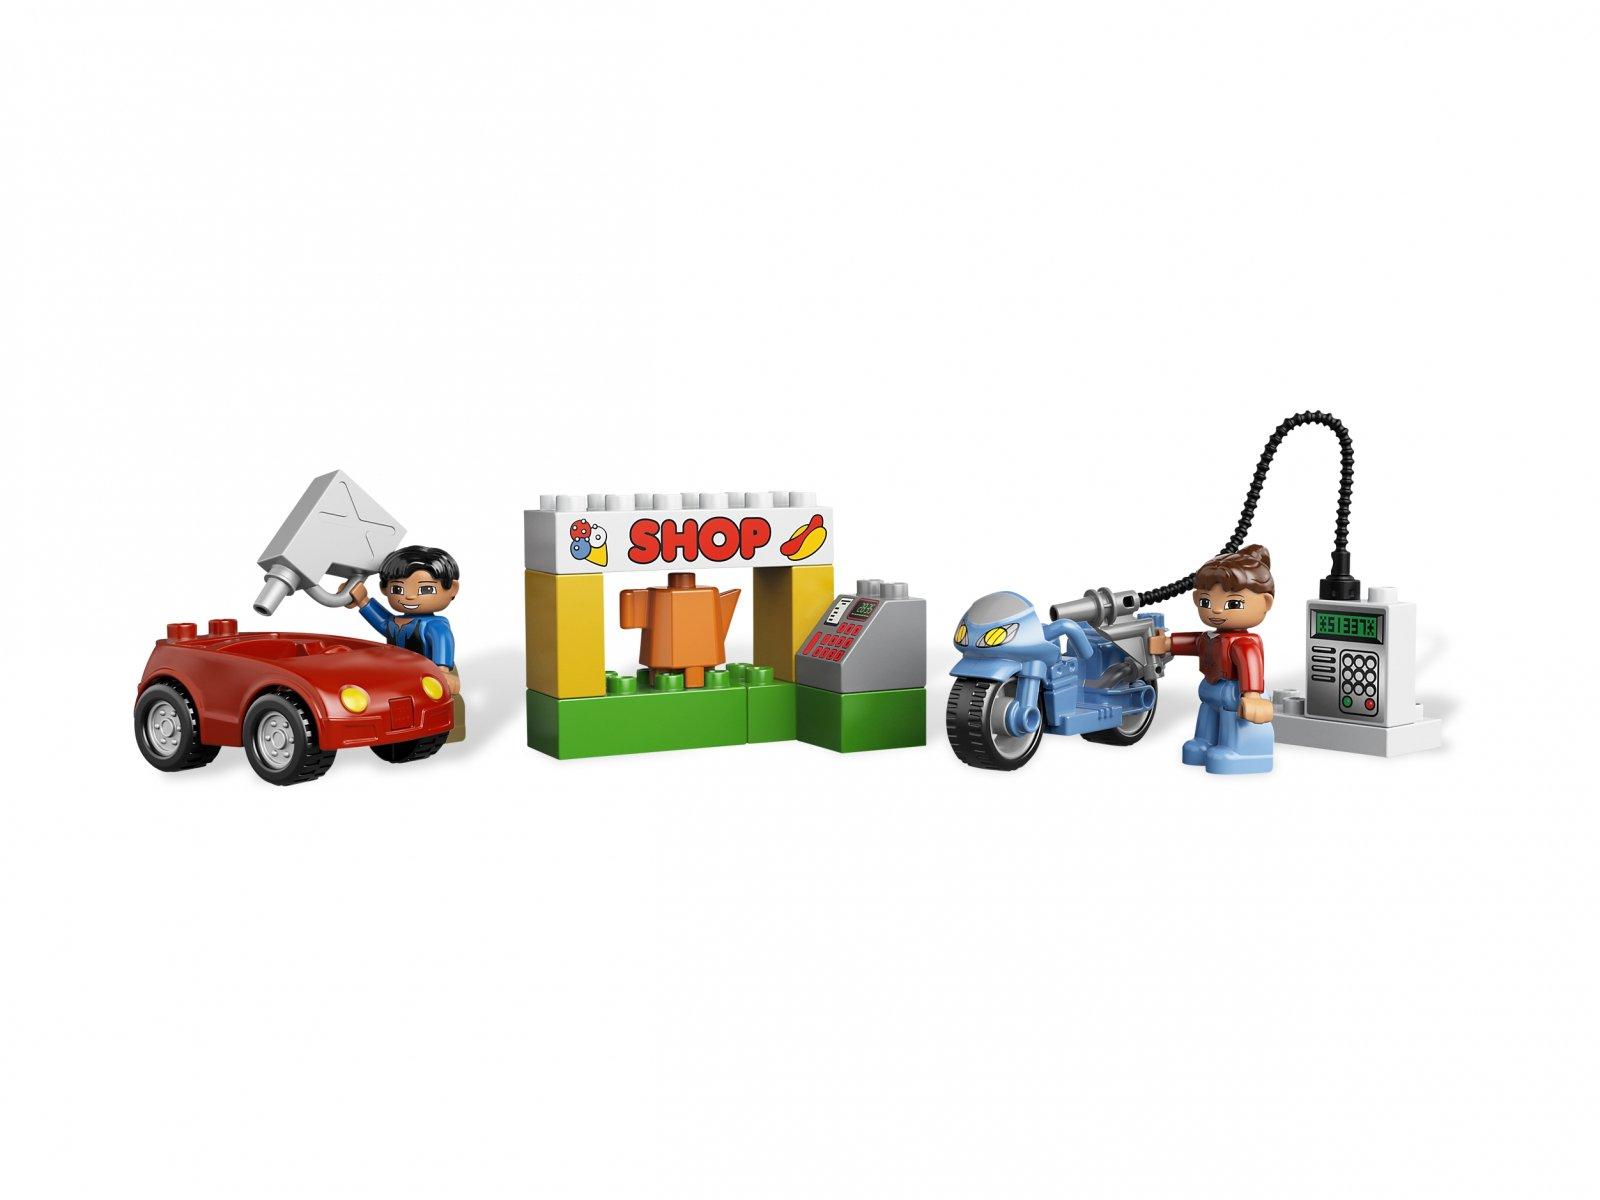 Lego 6171 Duplo Stacja Paliw Porównaj Ceny Zklockówpl